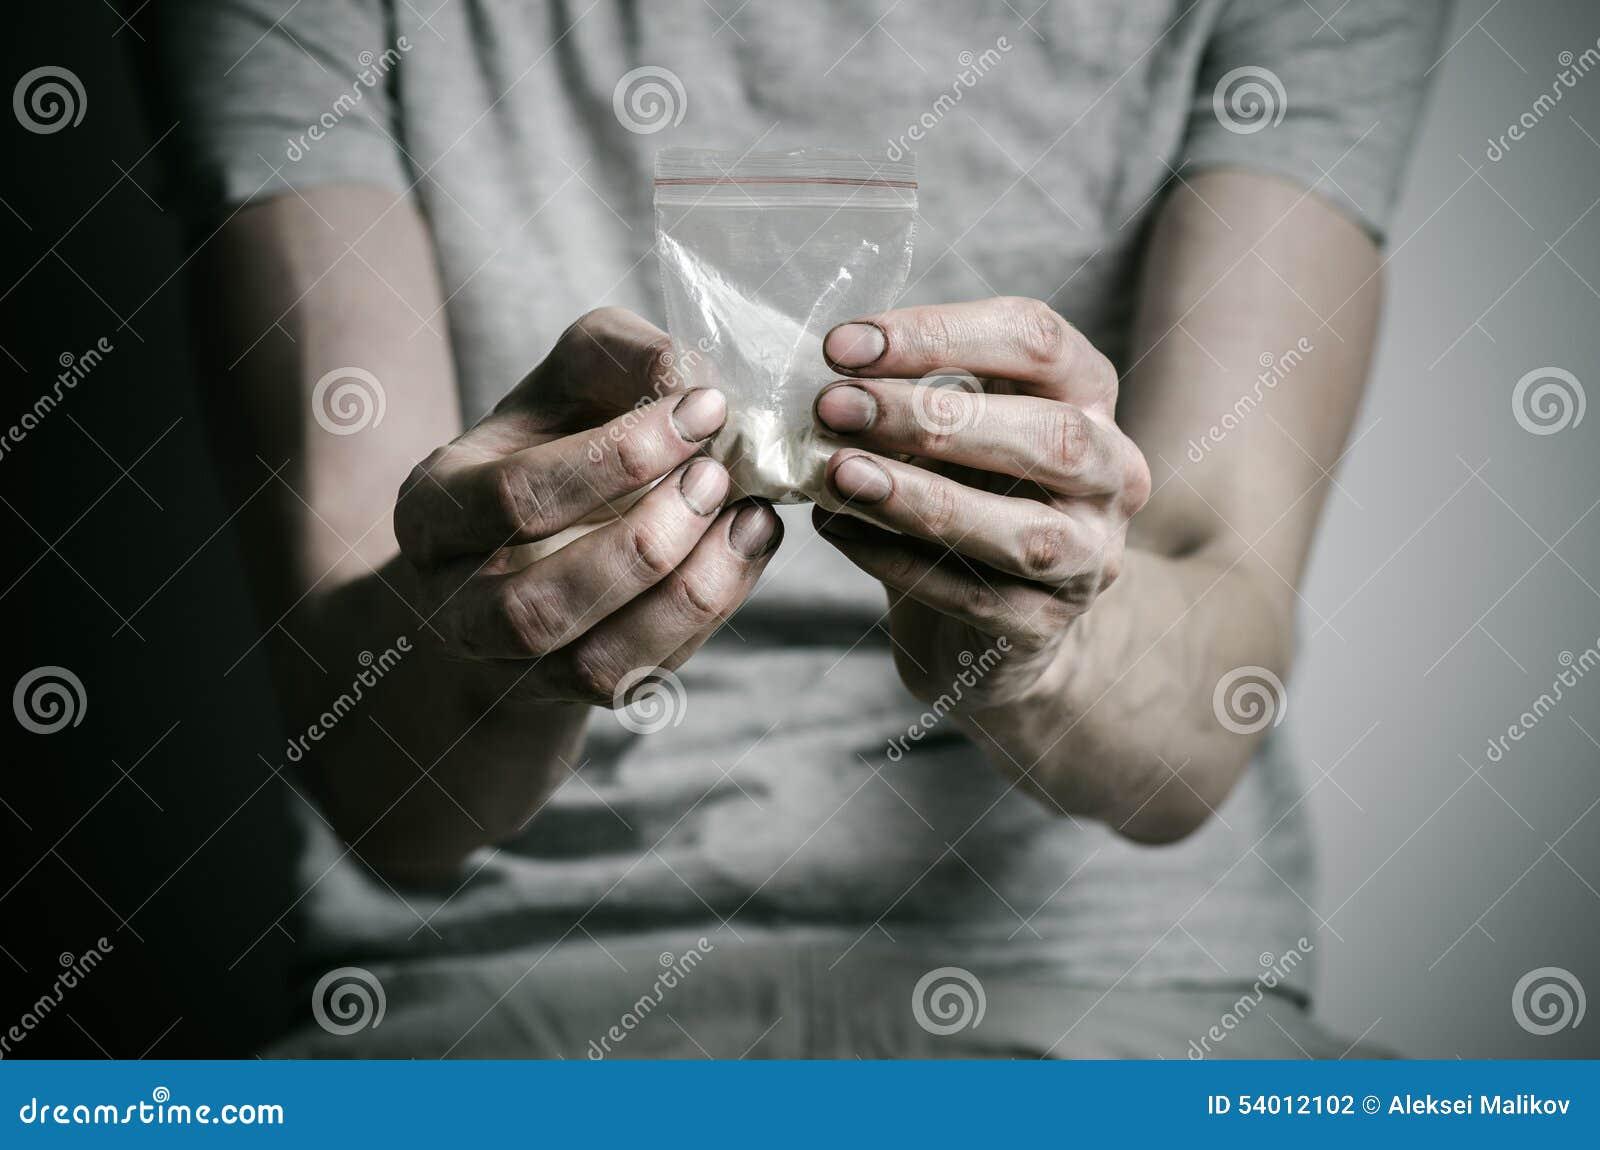 与药物和毒瘾题目的战斗:使拿着可卡因包裹上瘾在一件灰色T恤杉的在的黑暗的背景